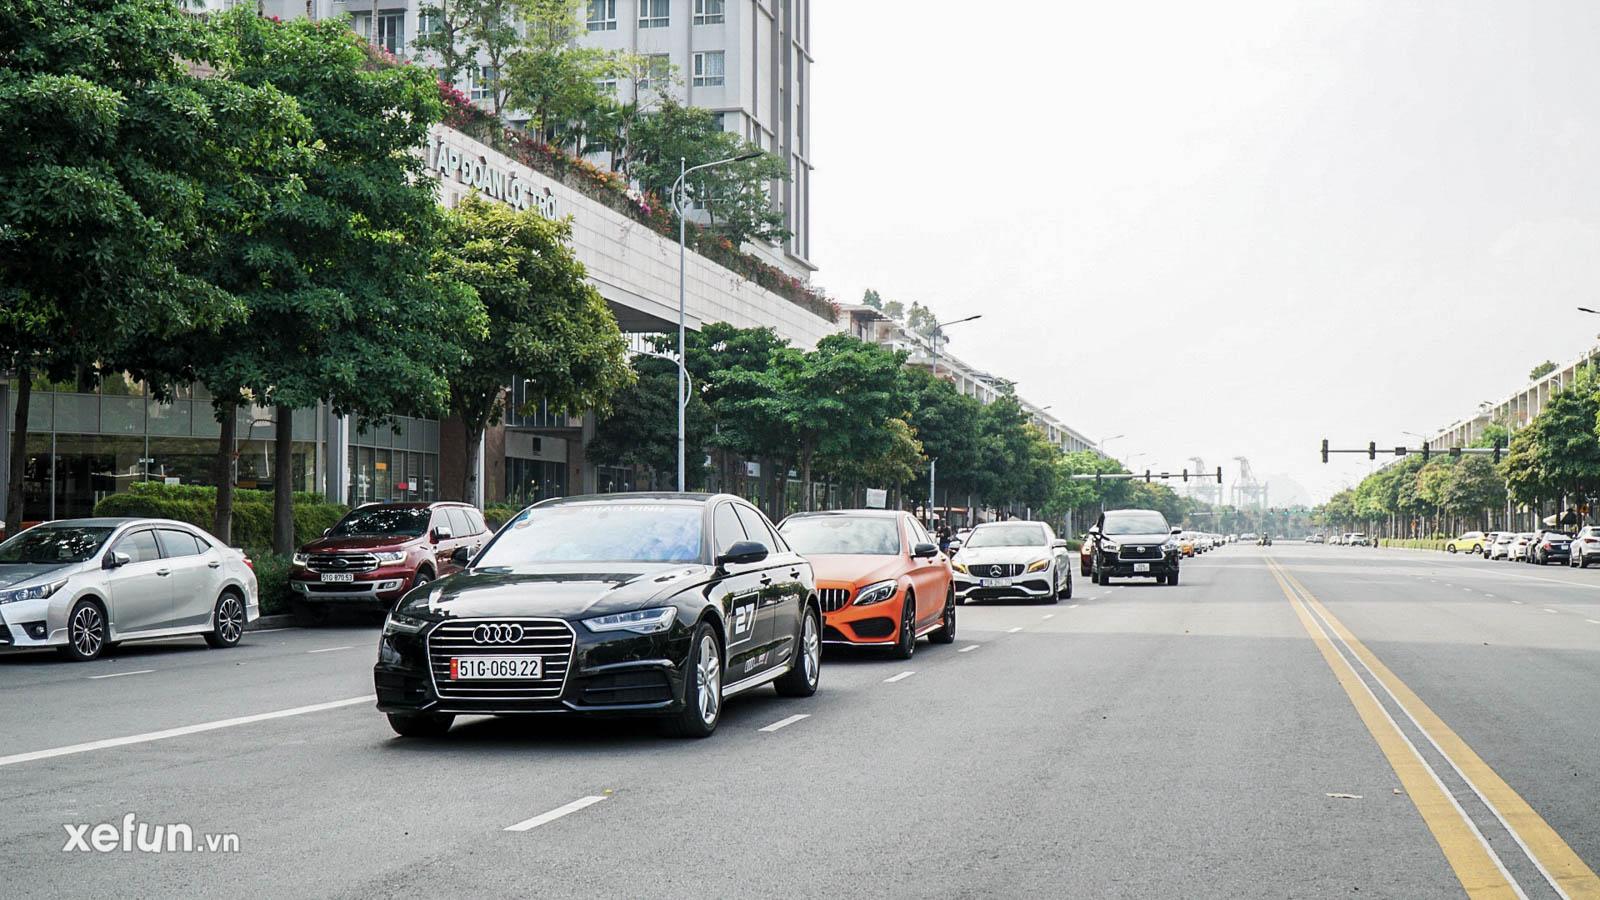 Summer Trip Mãn nhãn với dàn siêu xe tiền tỷ tại buổi offline của Hội Yêu Xe Đức Xefun - 435465